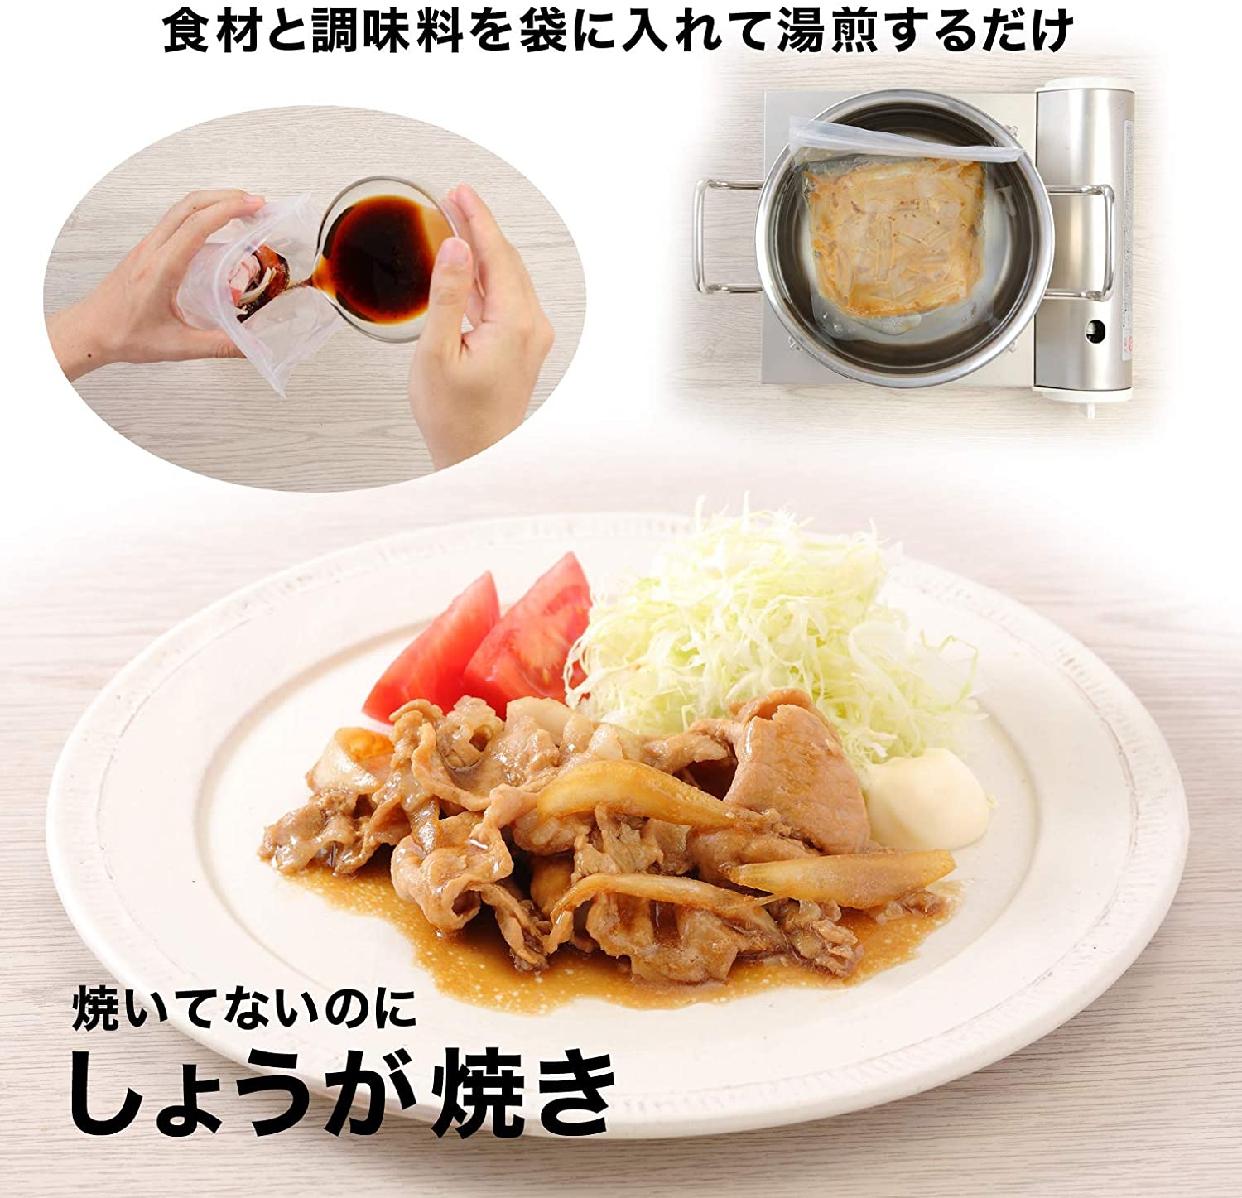 ビストロ先生 湯煎で調理する袋 M K69800の商品画像7